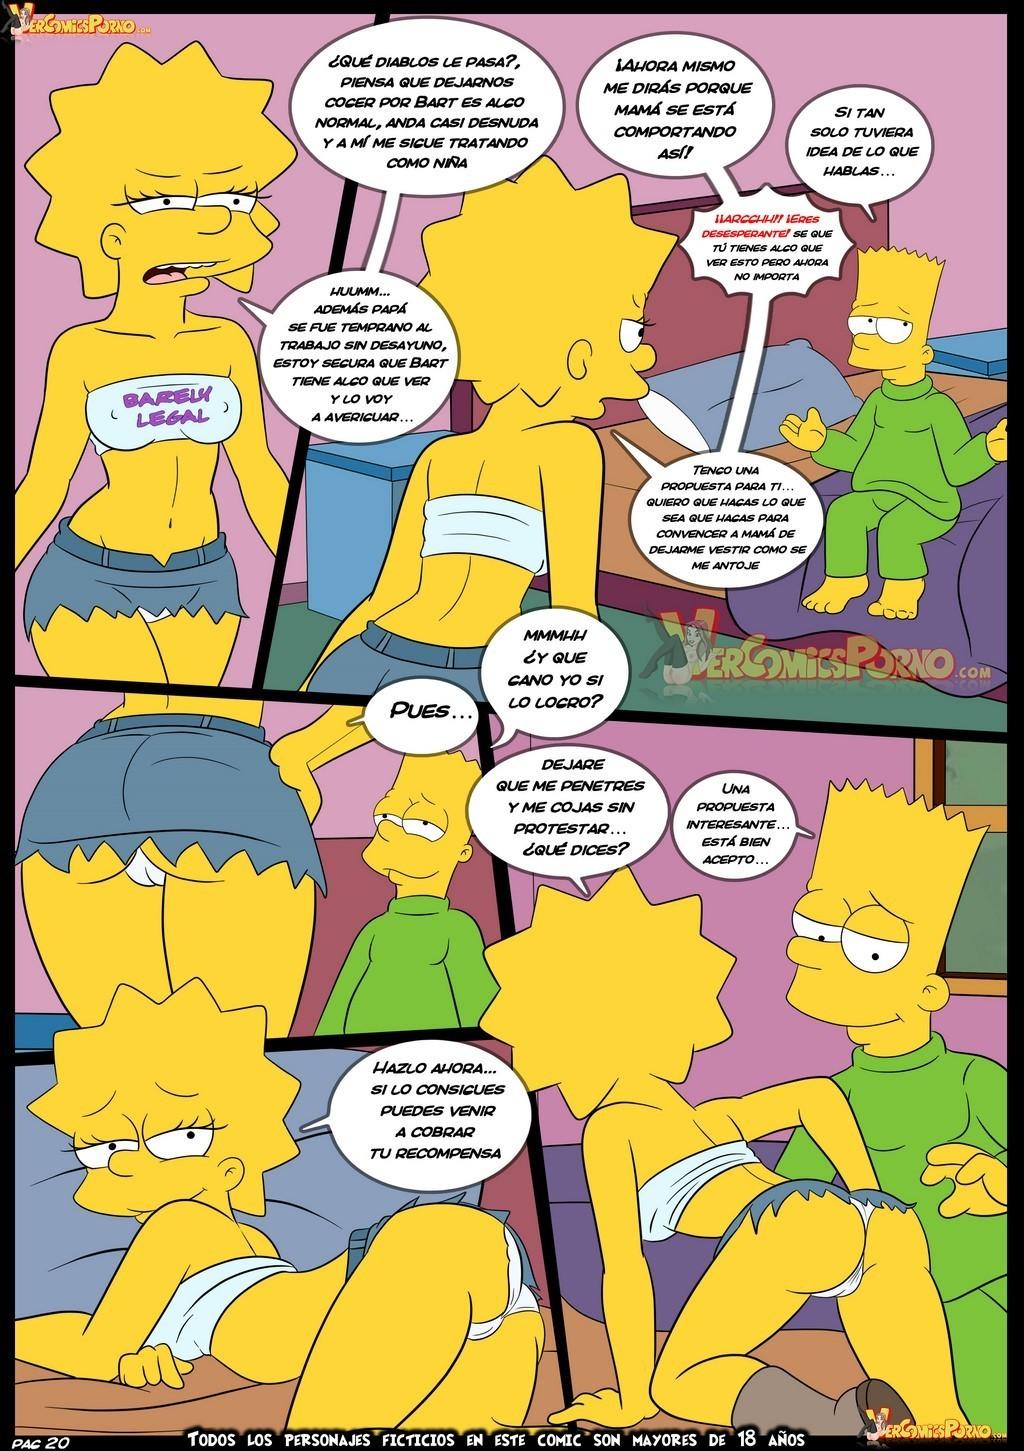 SimpsoRama-21.jpg comic porno